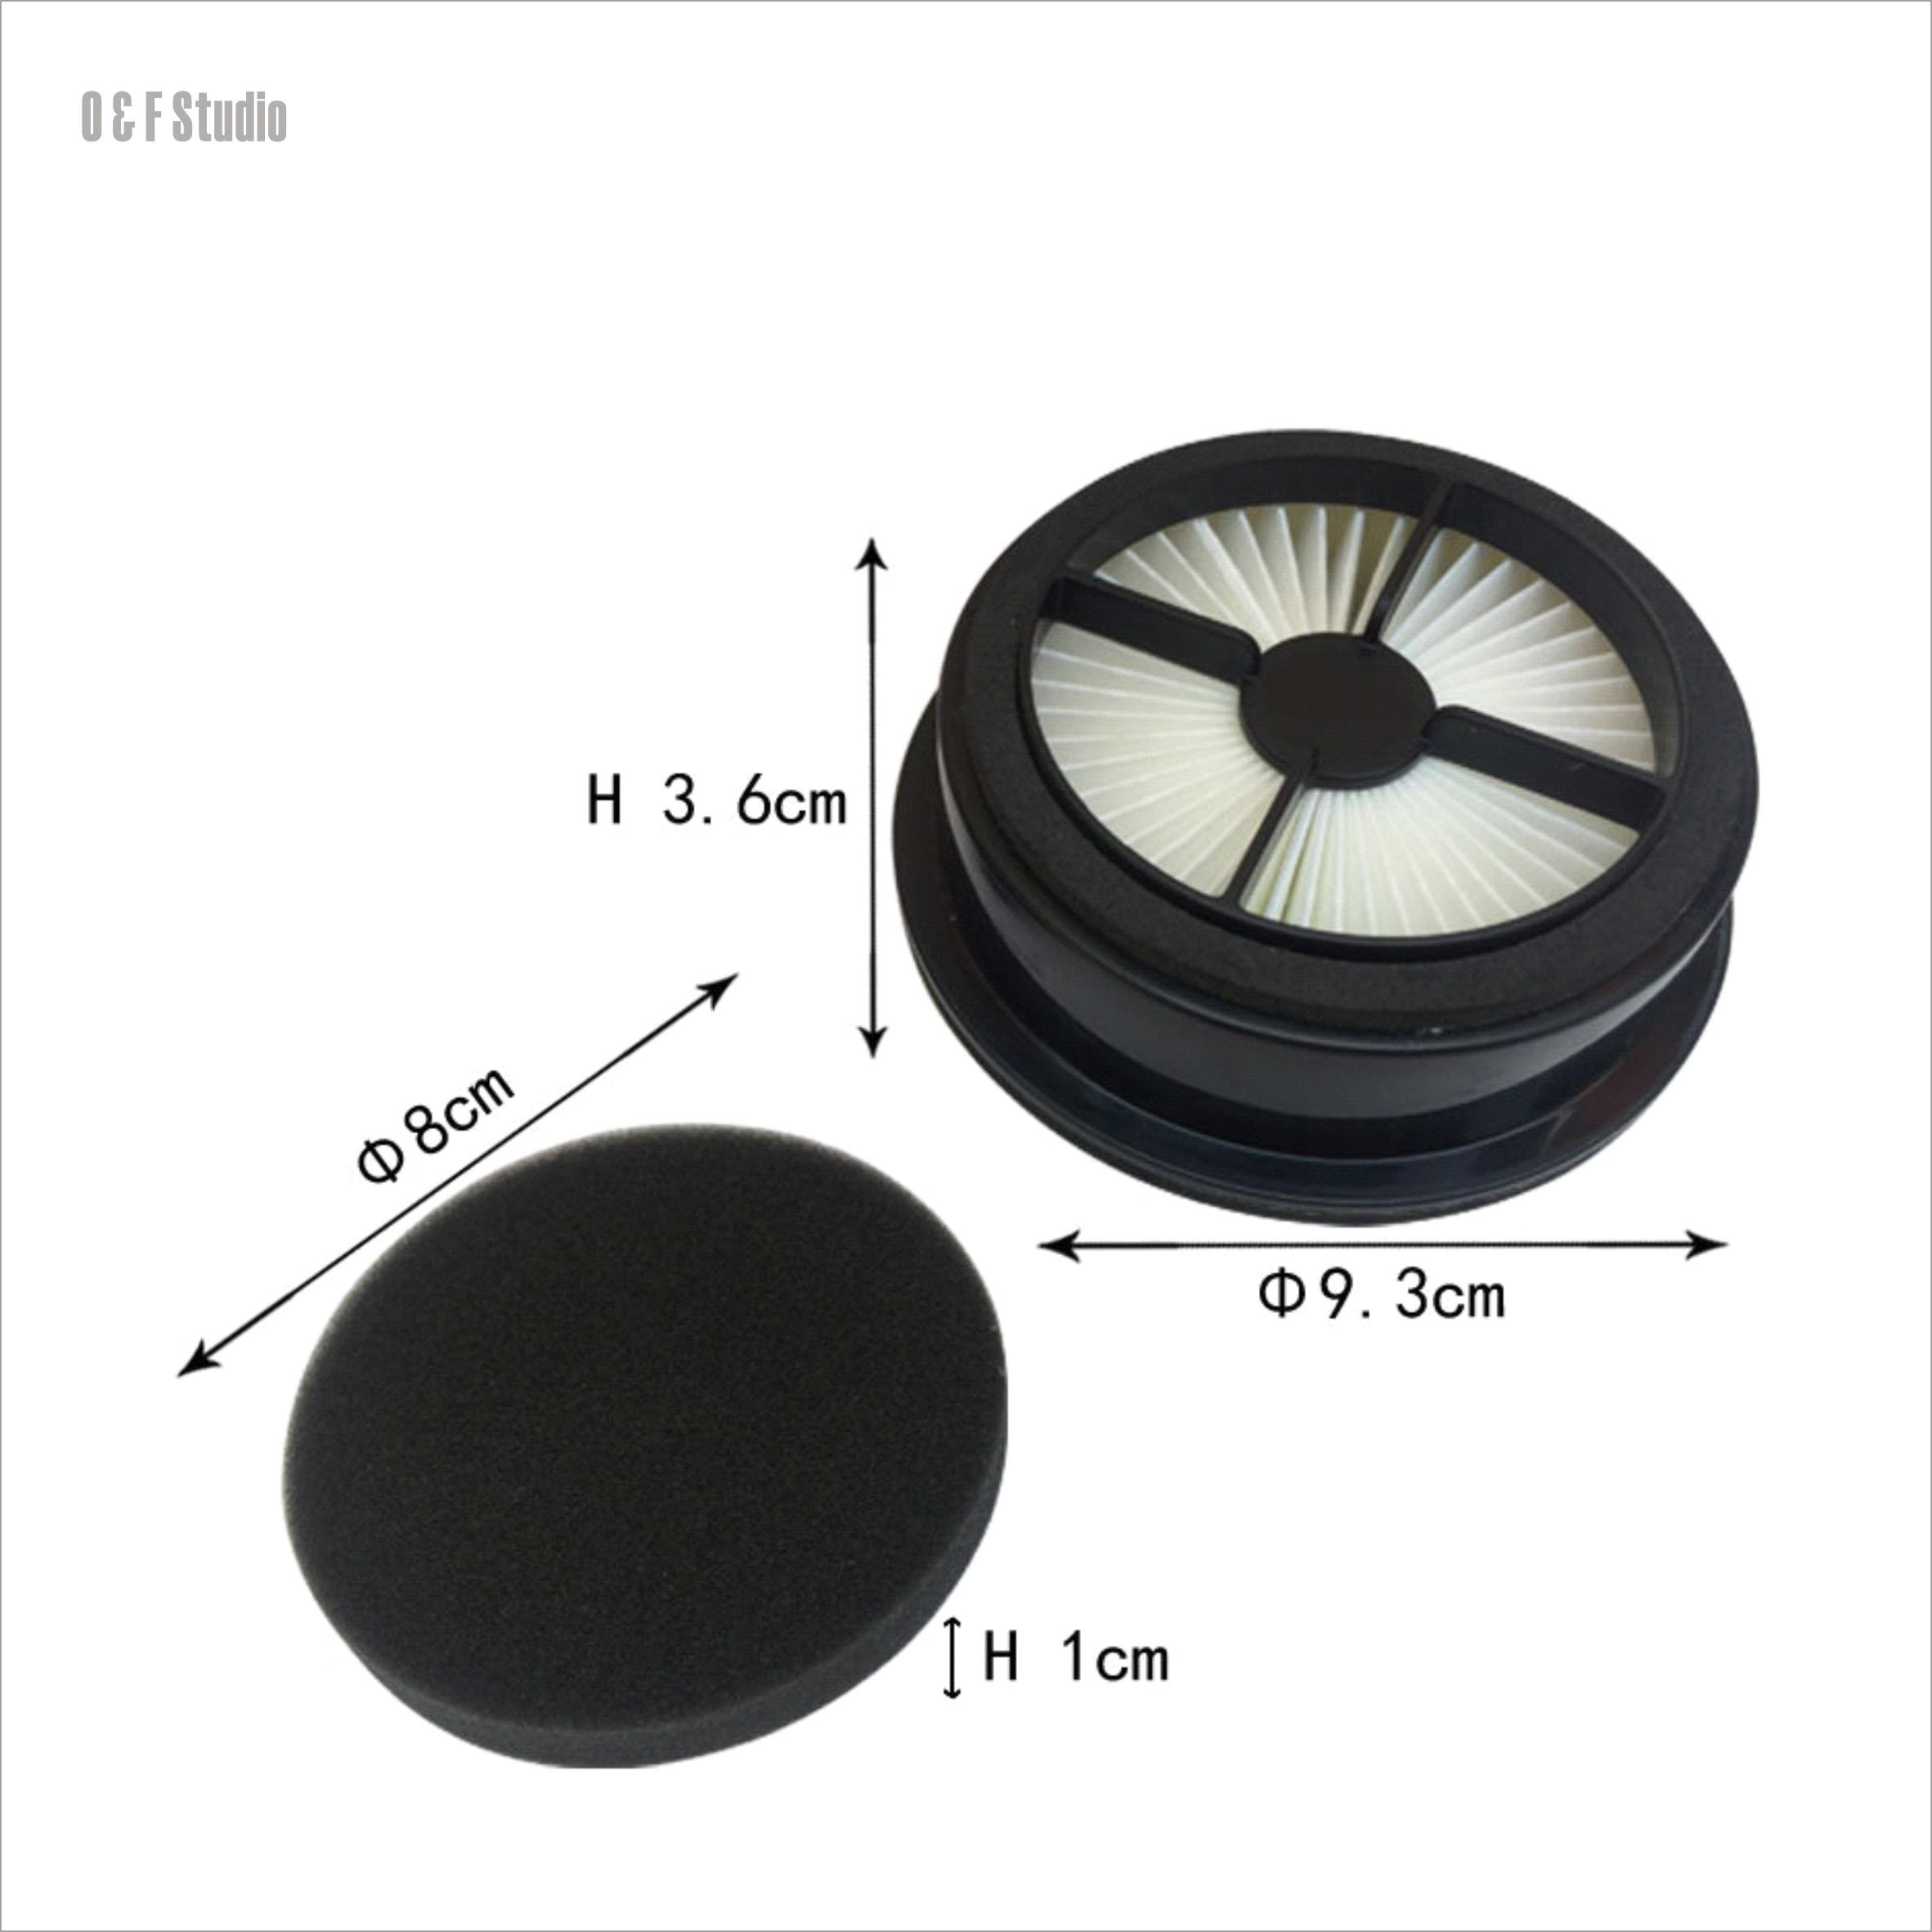 吸塵器前置濾網(1入) 適用於 Dirt Devil F44 UD20015...UD20020 【居家達人DD01 】